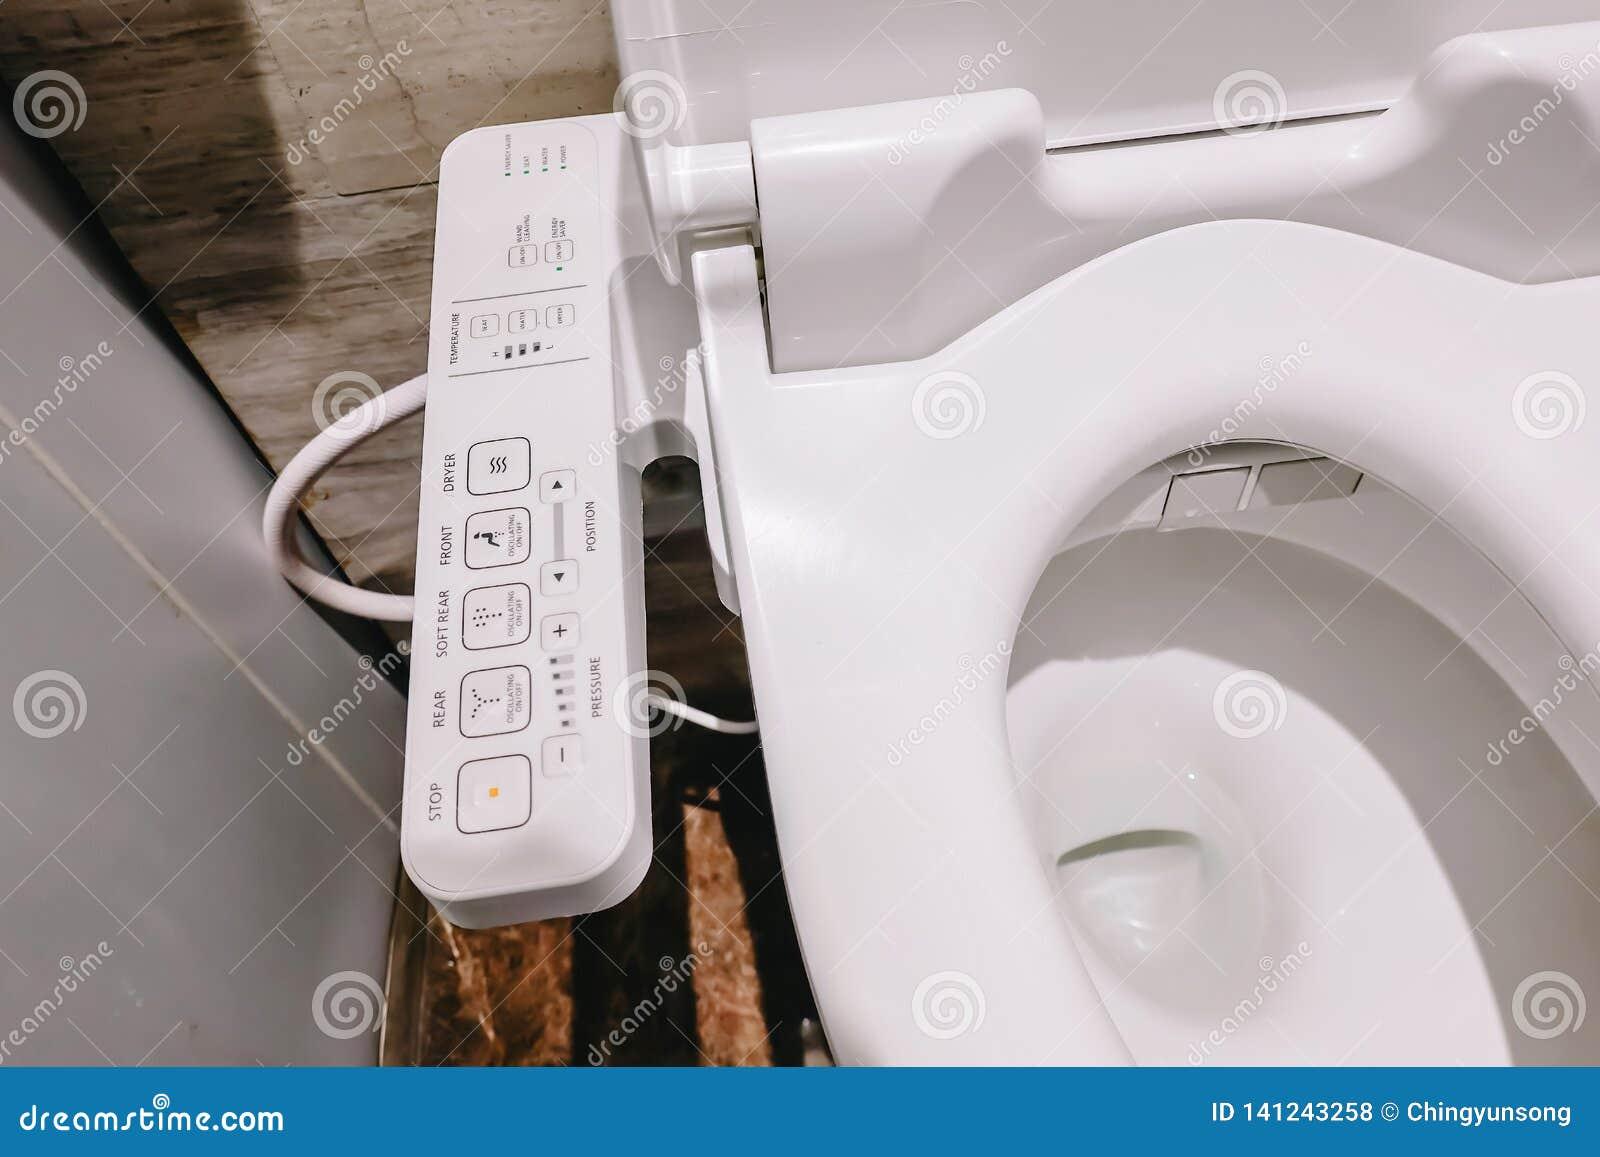 Современный высокотехнологичный туалет с электронным биде в Таиланде шар туалета стиля Японии, высокотехнологичный